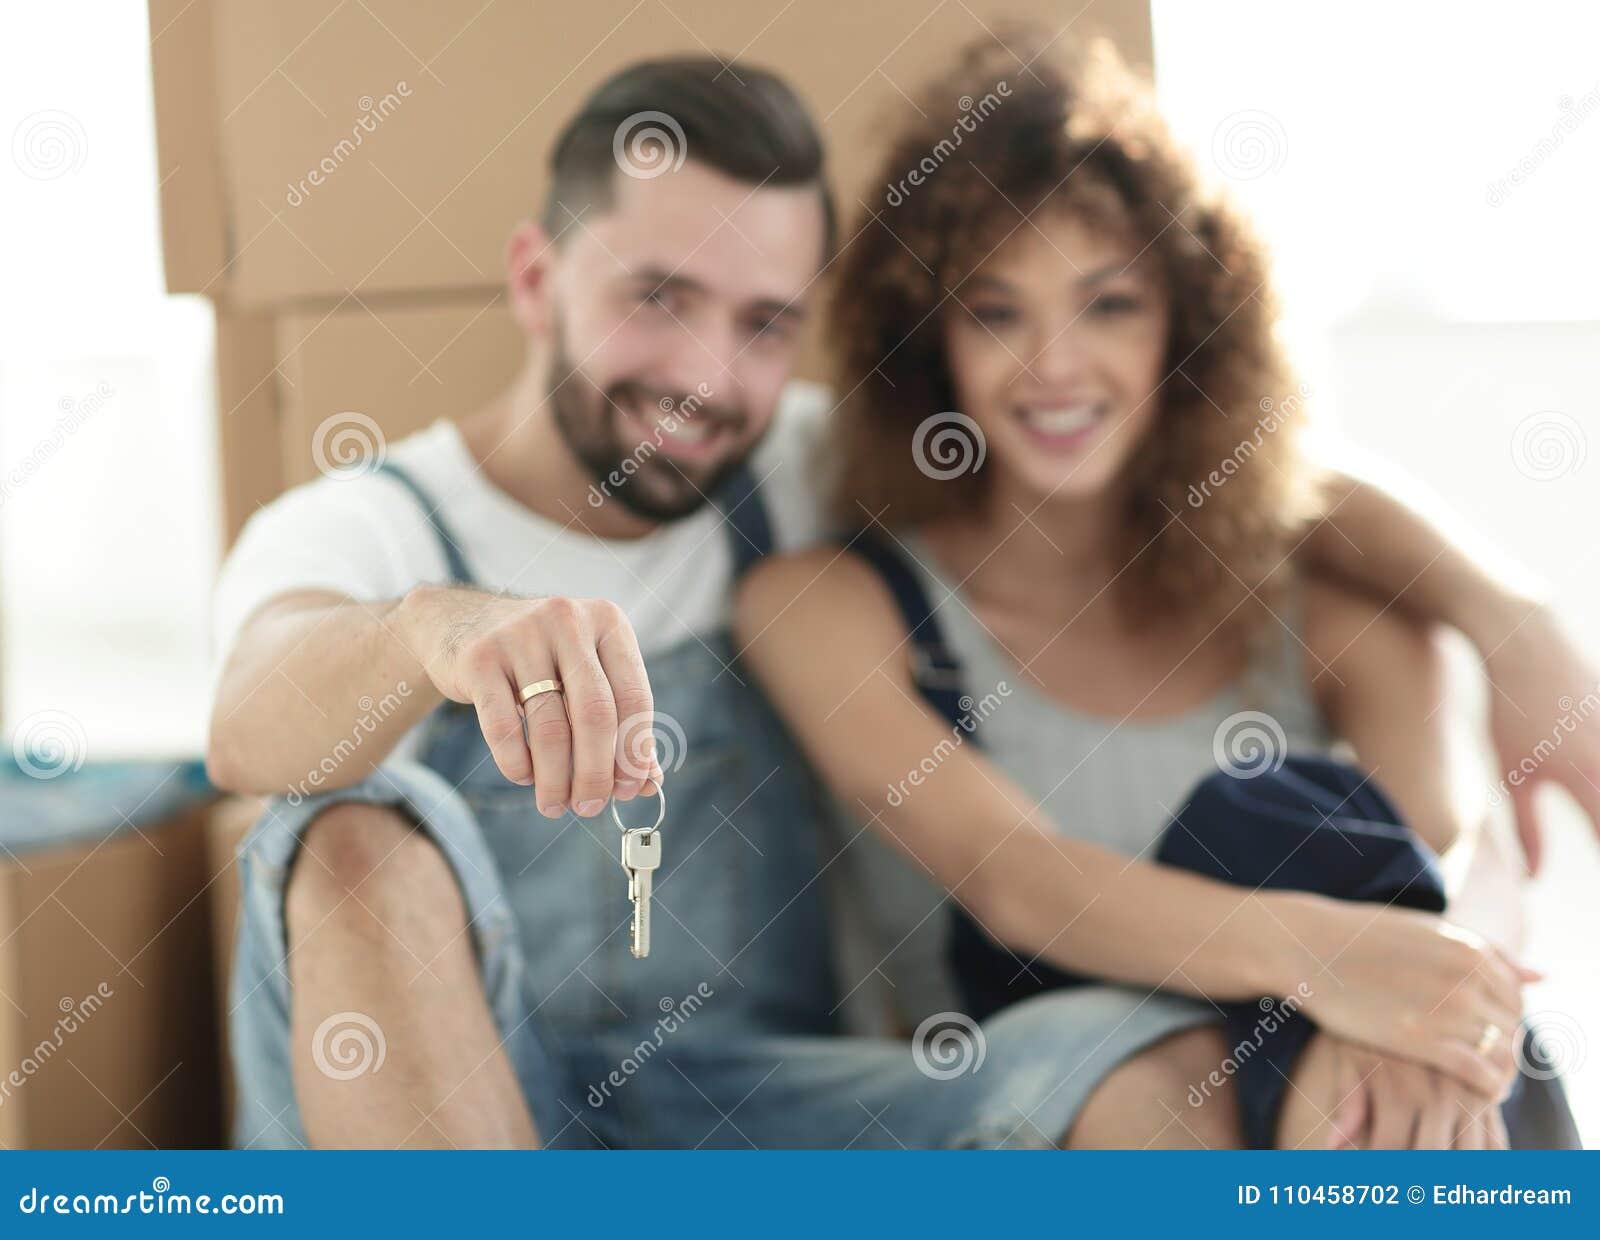 Närbild av ett ungt par på en bakgrund av kartonger